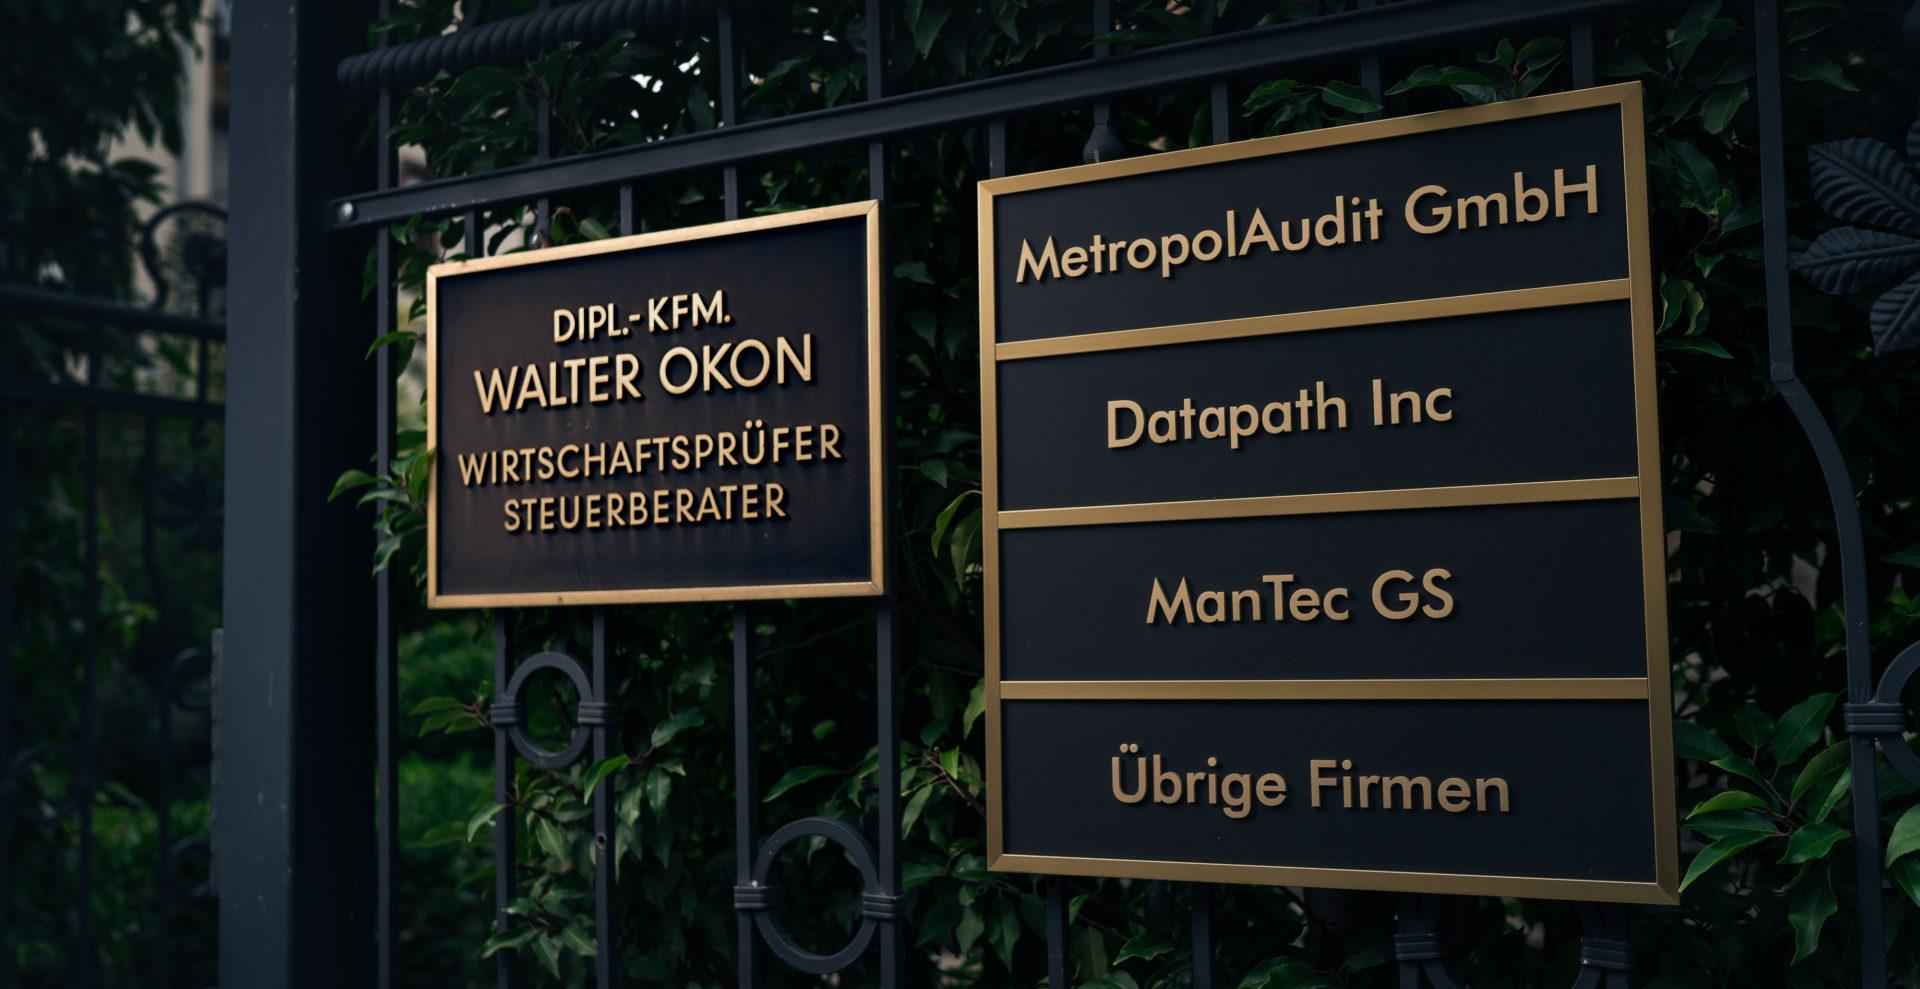 Wirtschaftsprüfung & Steuerberatung Walter Okon in Mannheim seit 20 Jahren Prüfung Konzernabschlussprüfungen und IFRS/IAS Prüfungen sowie von Finanzdienstleistern (BAFIN) und dem EEG (Gesetz für den Ausbau erneuerbarer Energien)